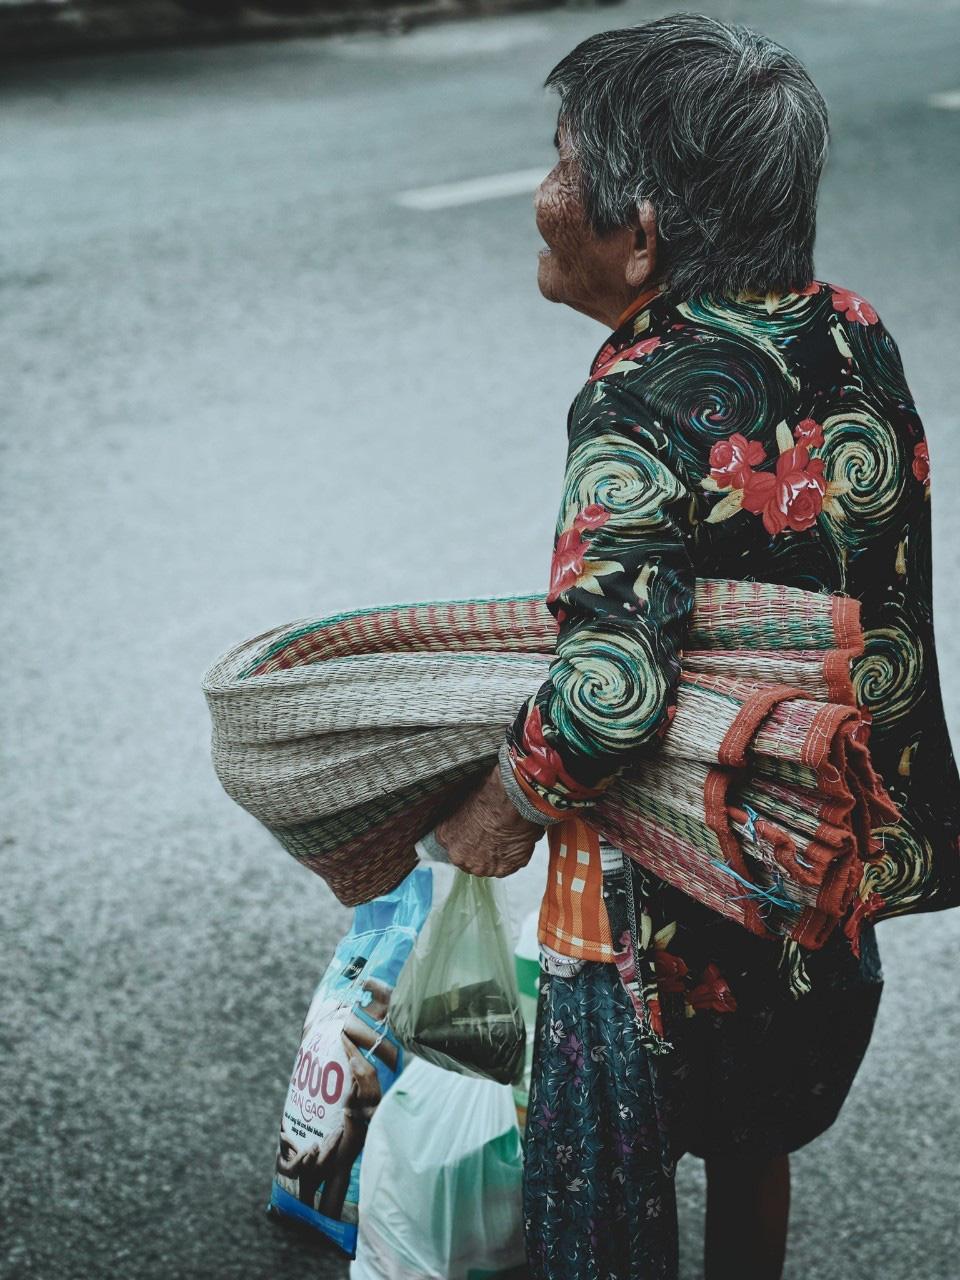 Chùm ảnh 2.000 tấn gạo lan toả yêu thương đi khắp miền Nam - Ảnh 9.